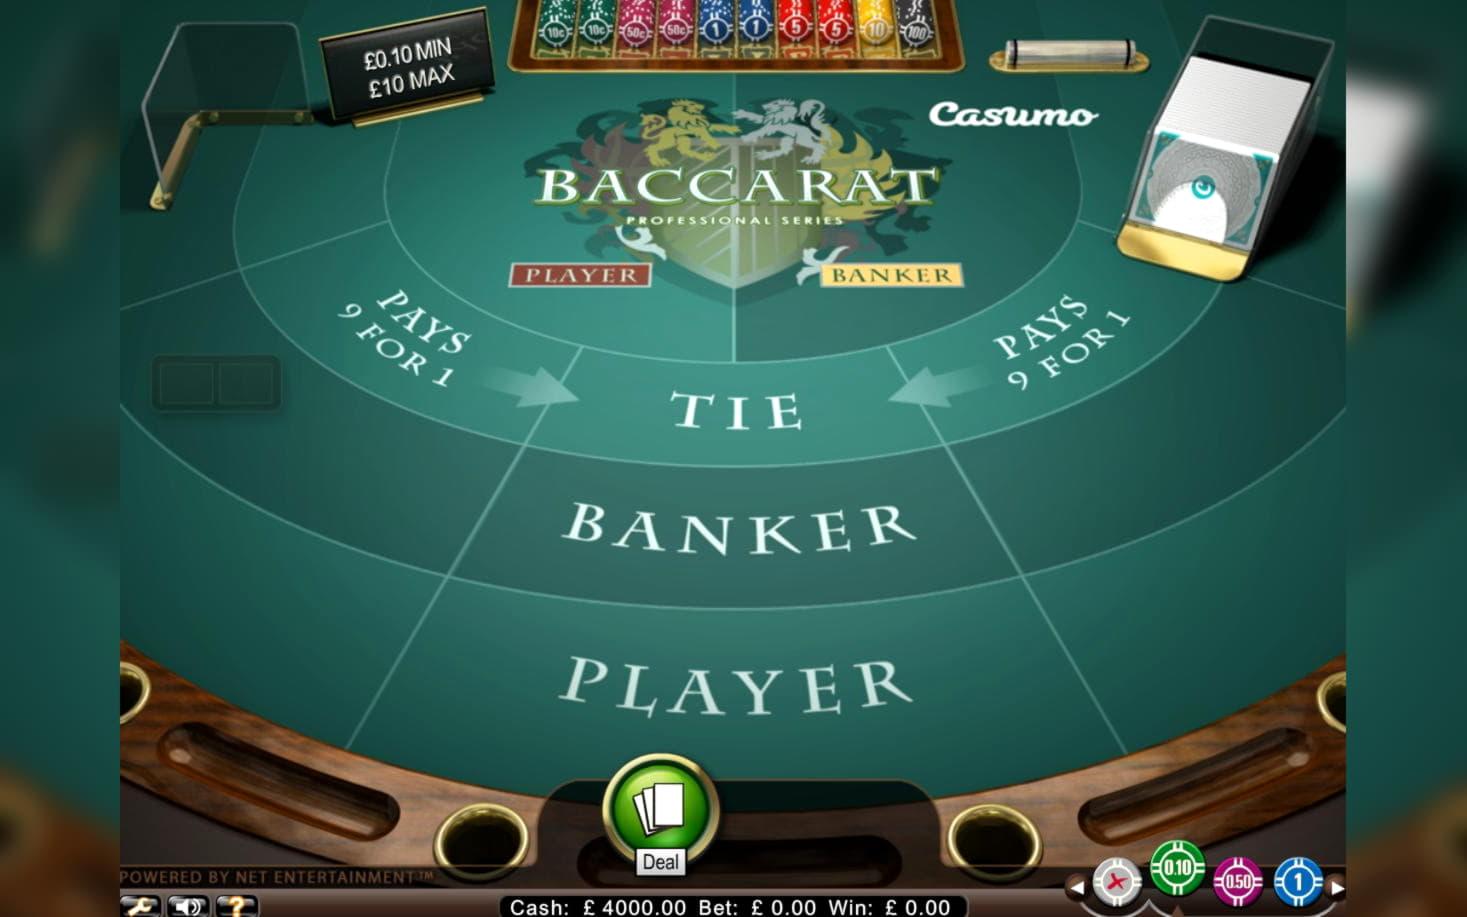 60% Best Signup Bonus Casino at William Hill Casino